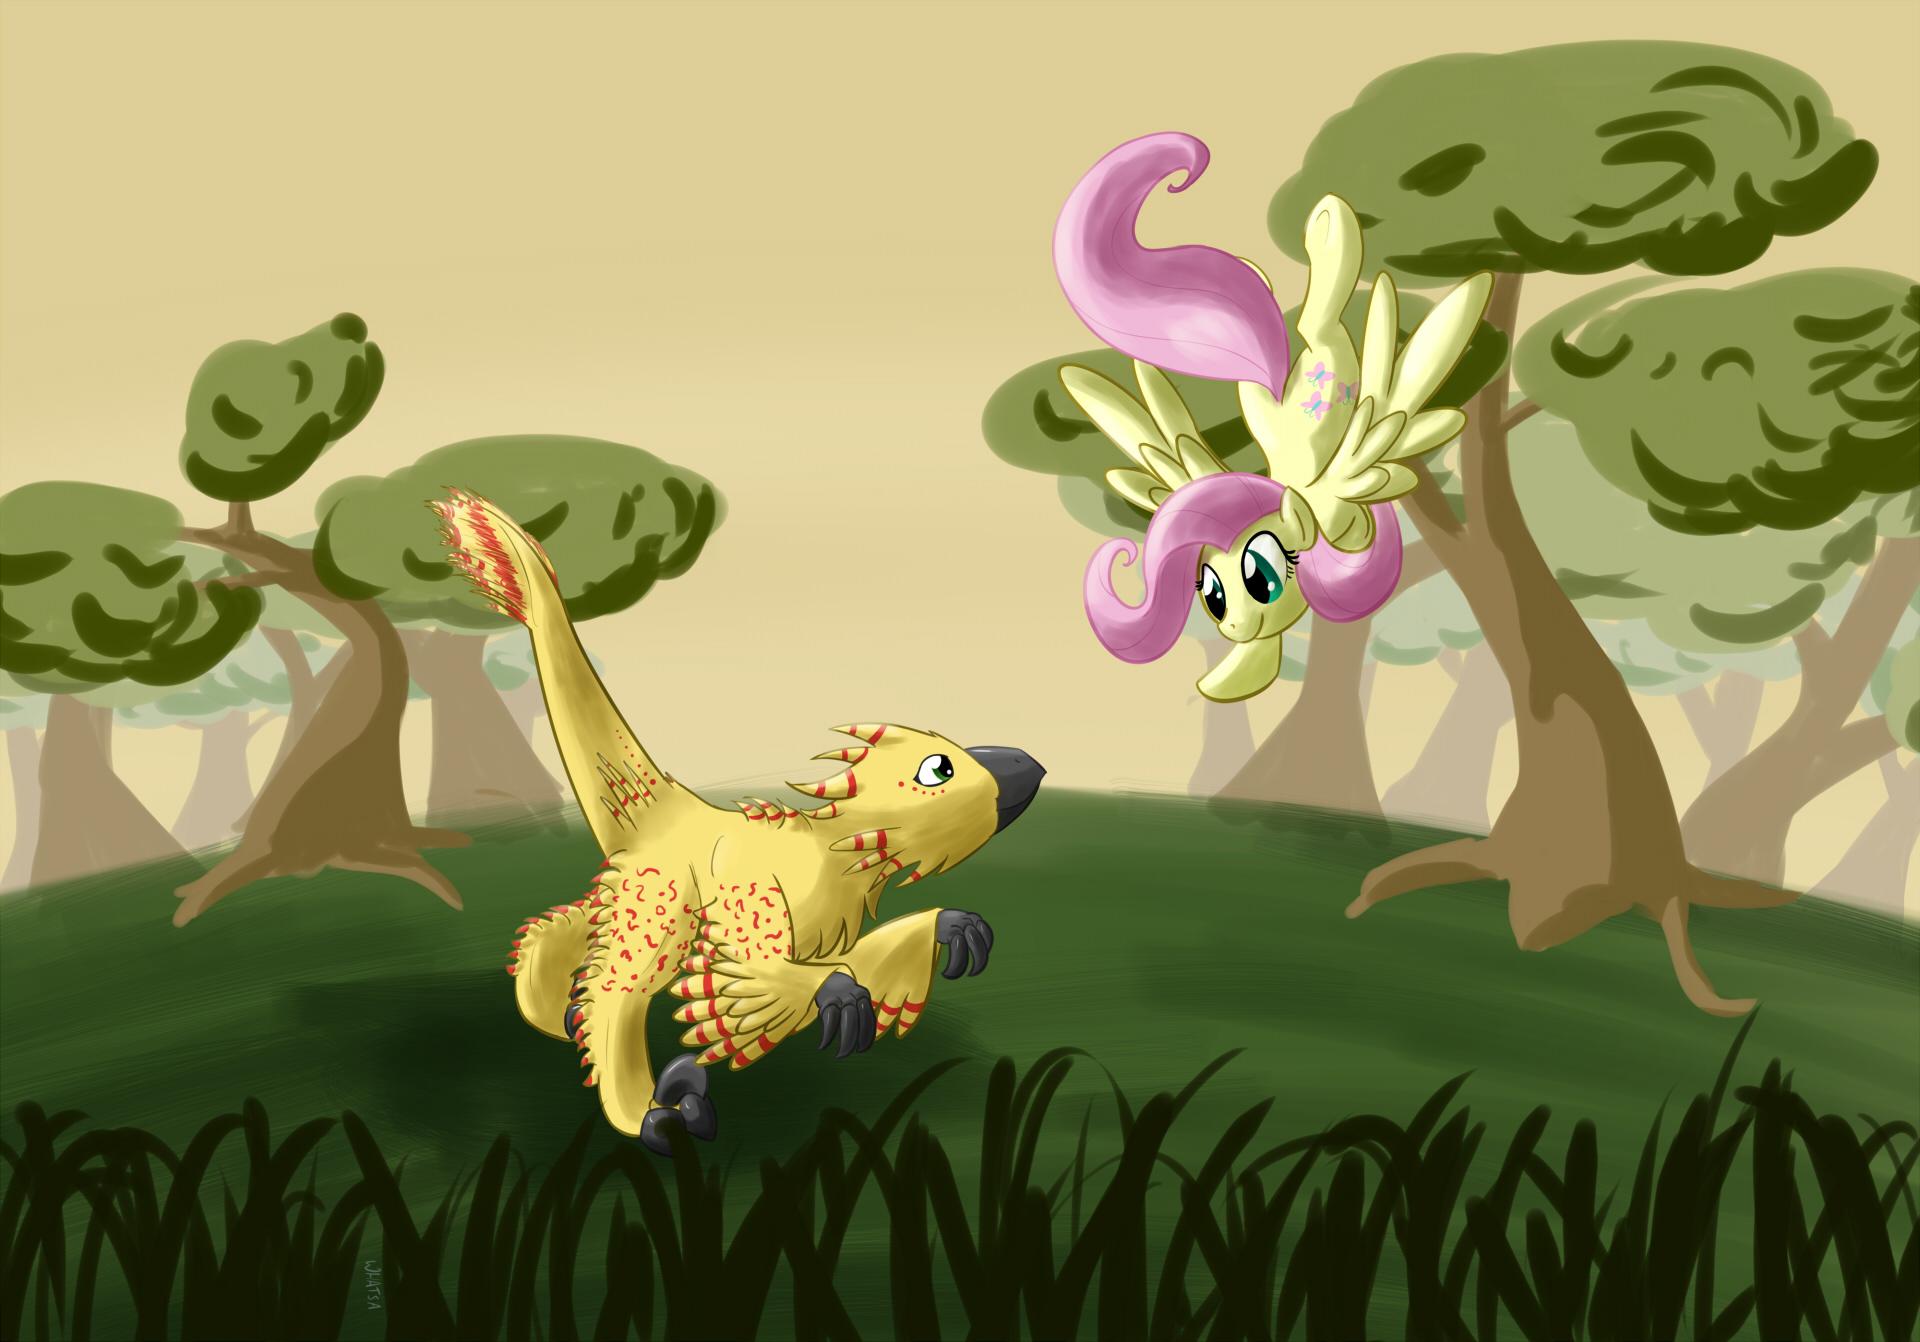 Fluttershy's new friend by Whatsapokemon